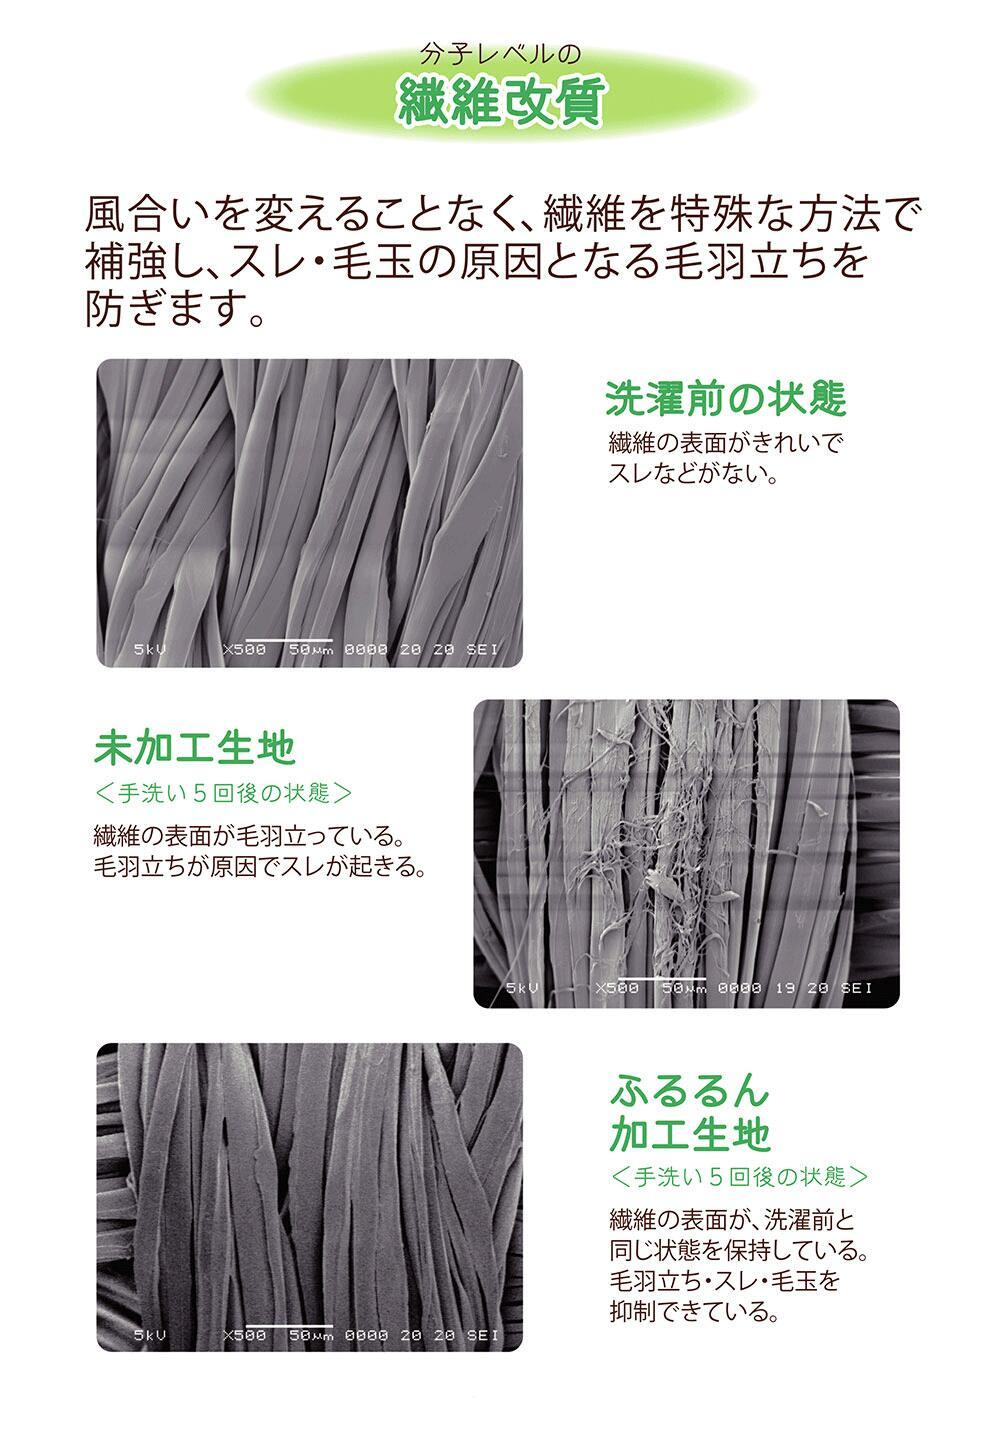 ウォッシャブル 長襦袢 正絹 ふるるん 綸子 ウロコ